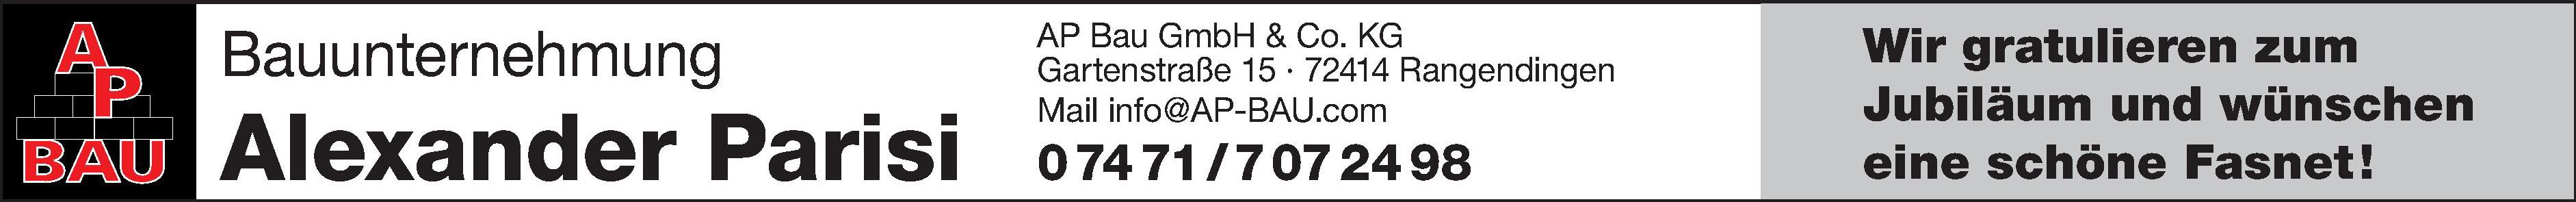 AP Bau GmbH & Co. KG